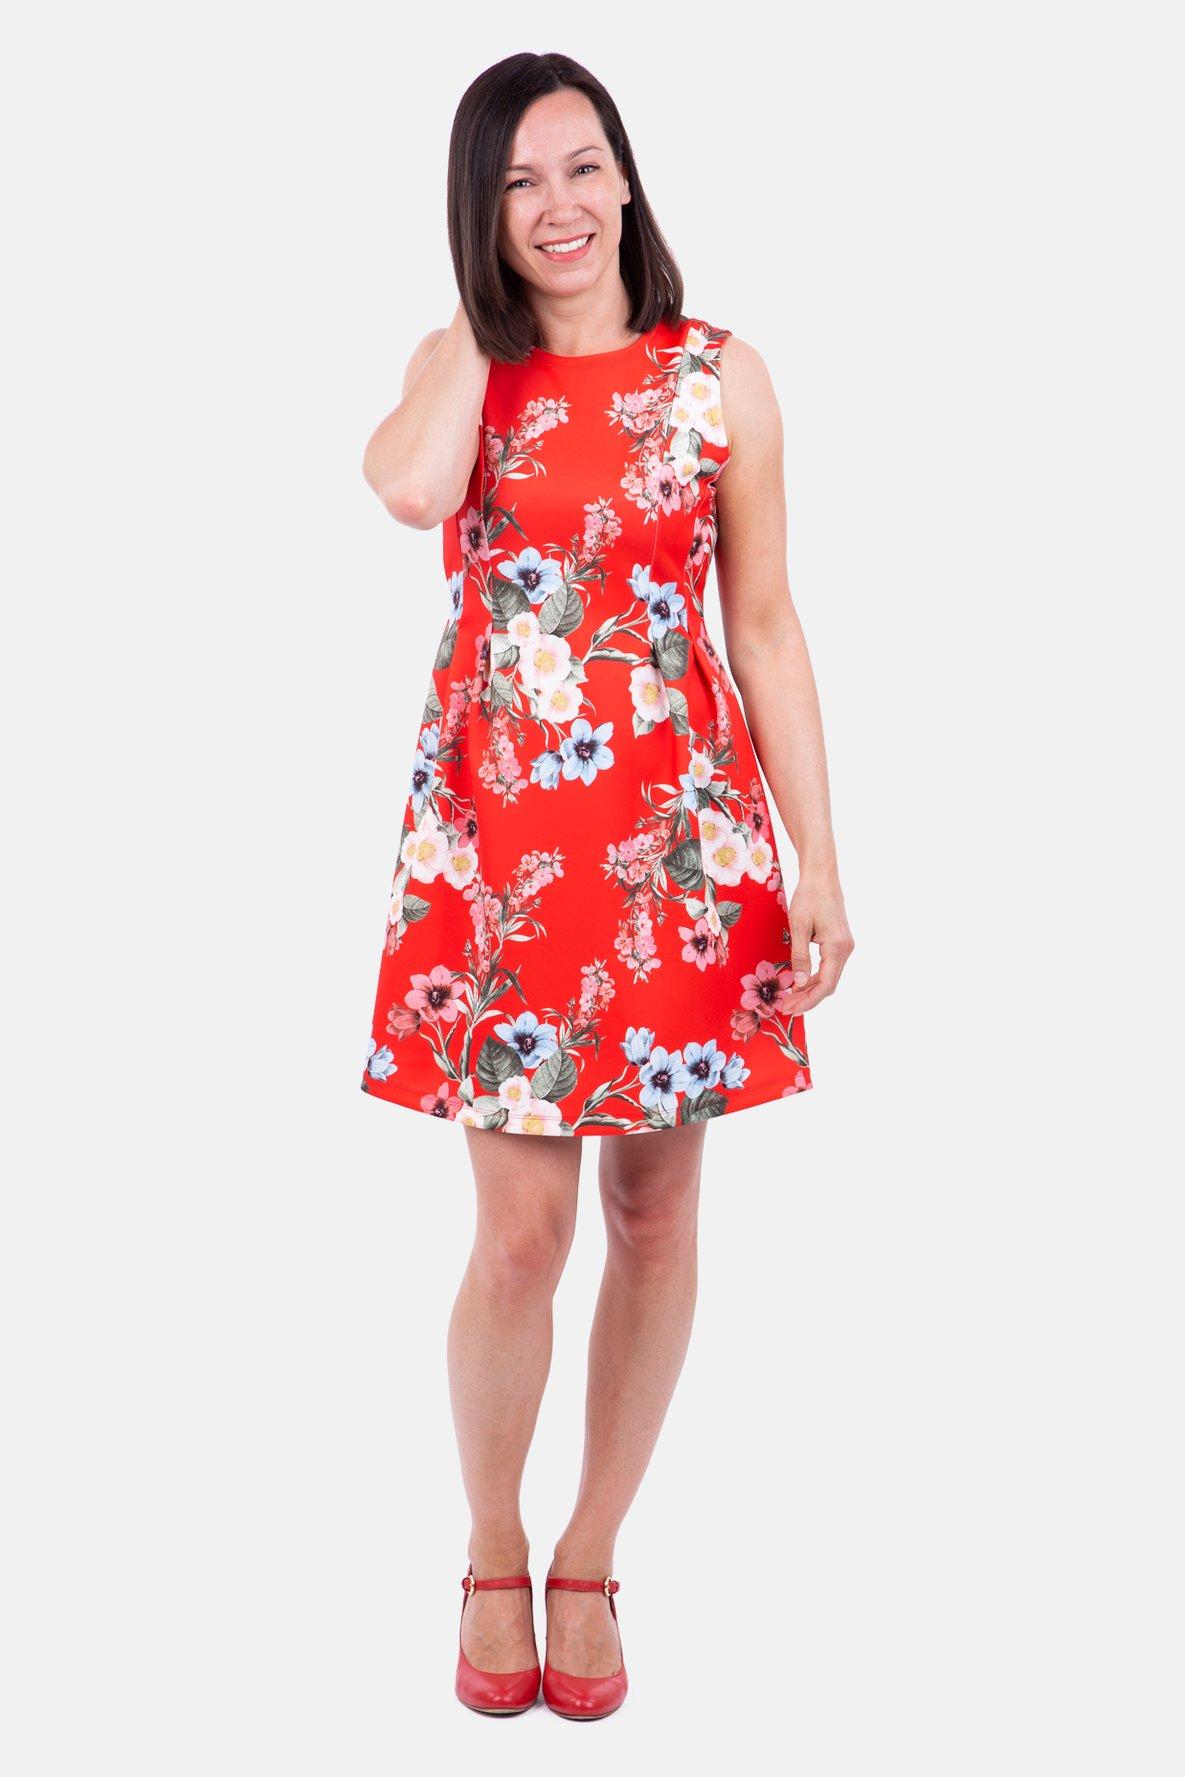 Damen Schnittmuster Festliches Kleid Kleid Festliches 7bfgyv6Y